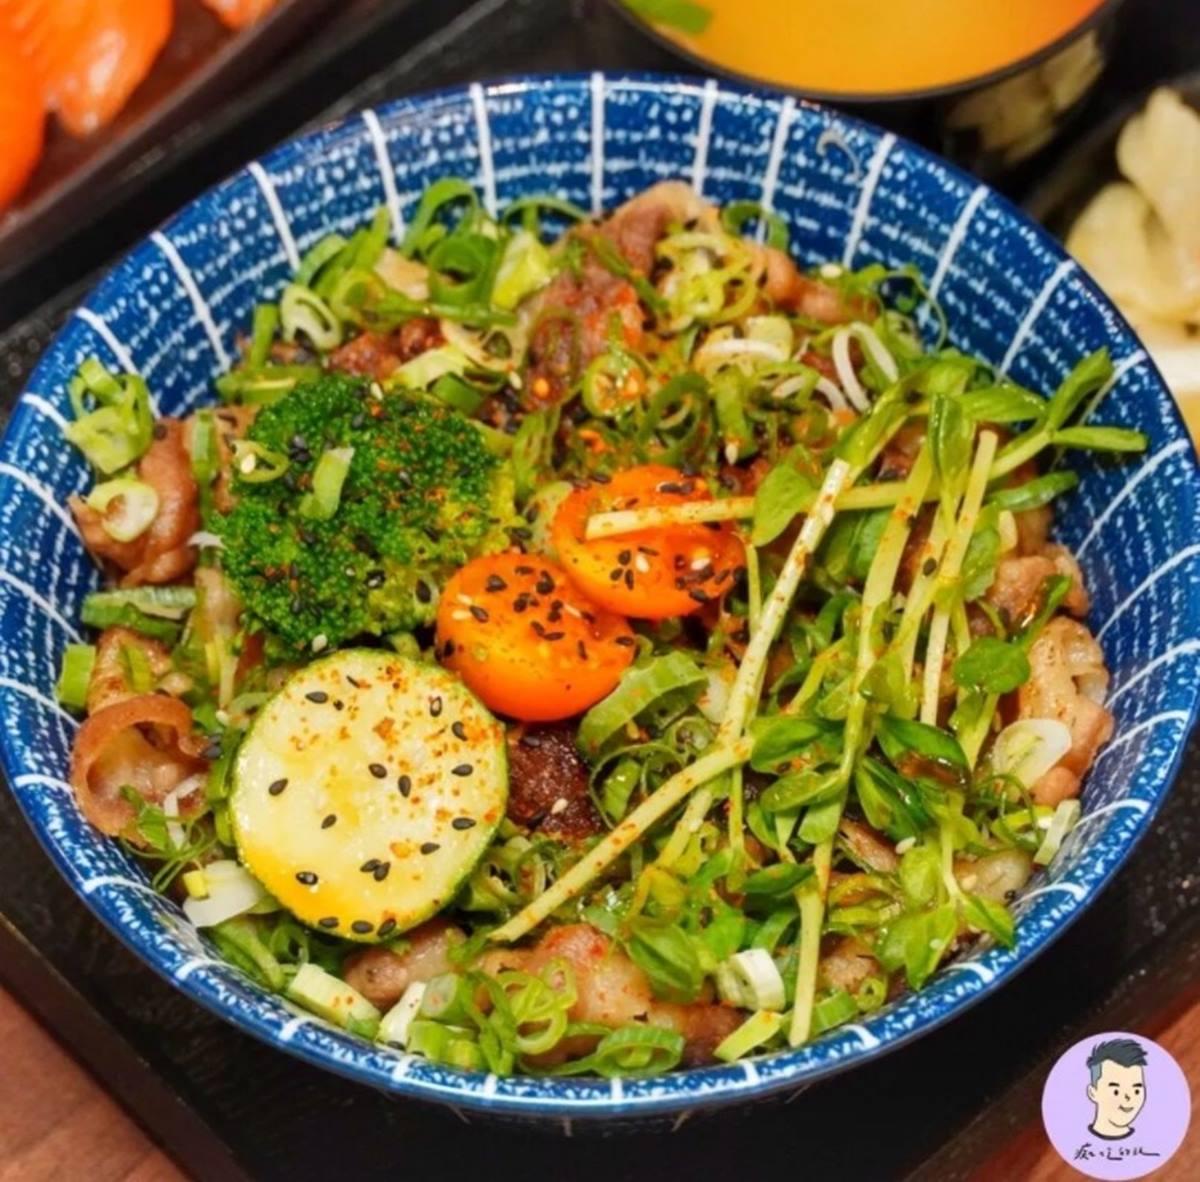 【新開店】鮭魚控衝台南!大塊厚切握壽司1貫只要30元,部落客激推招牌咖哩也必點